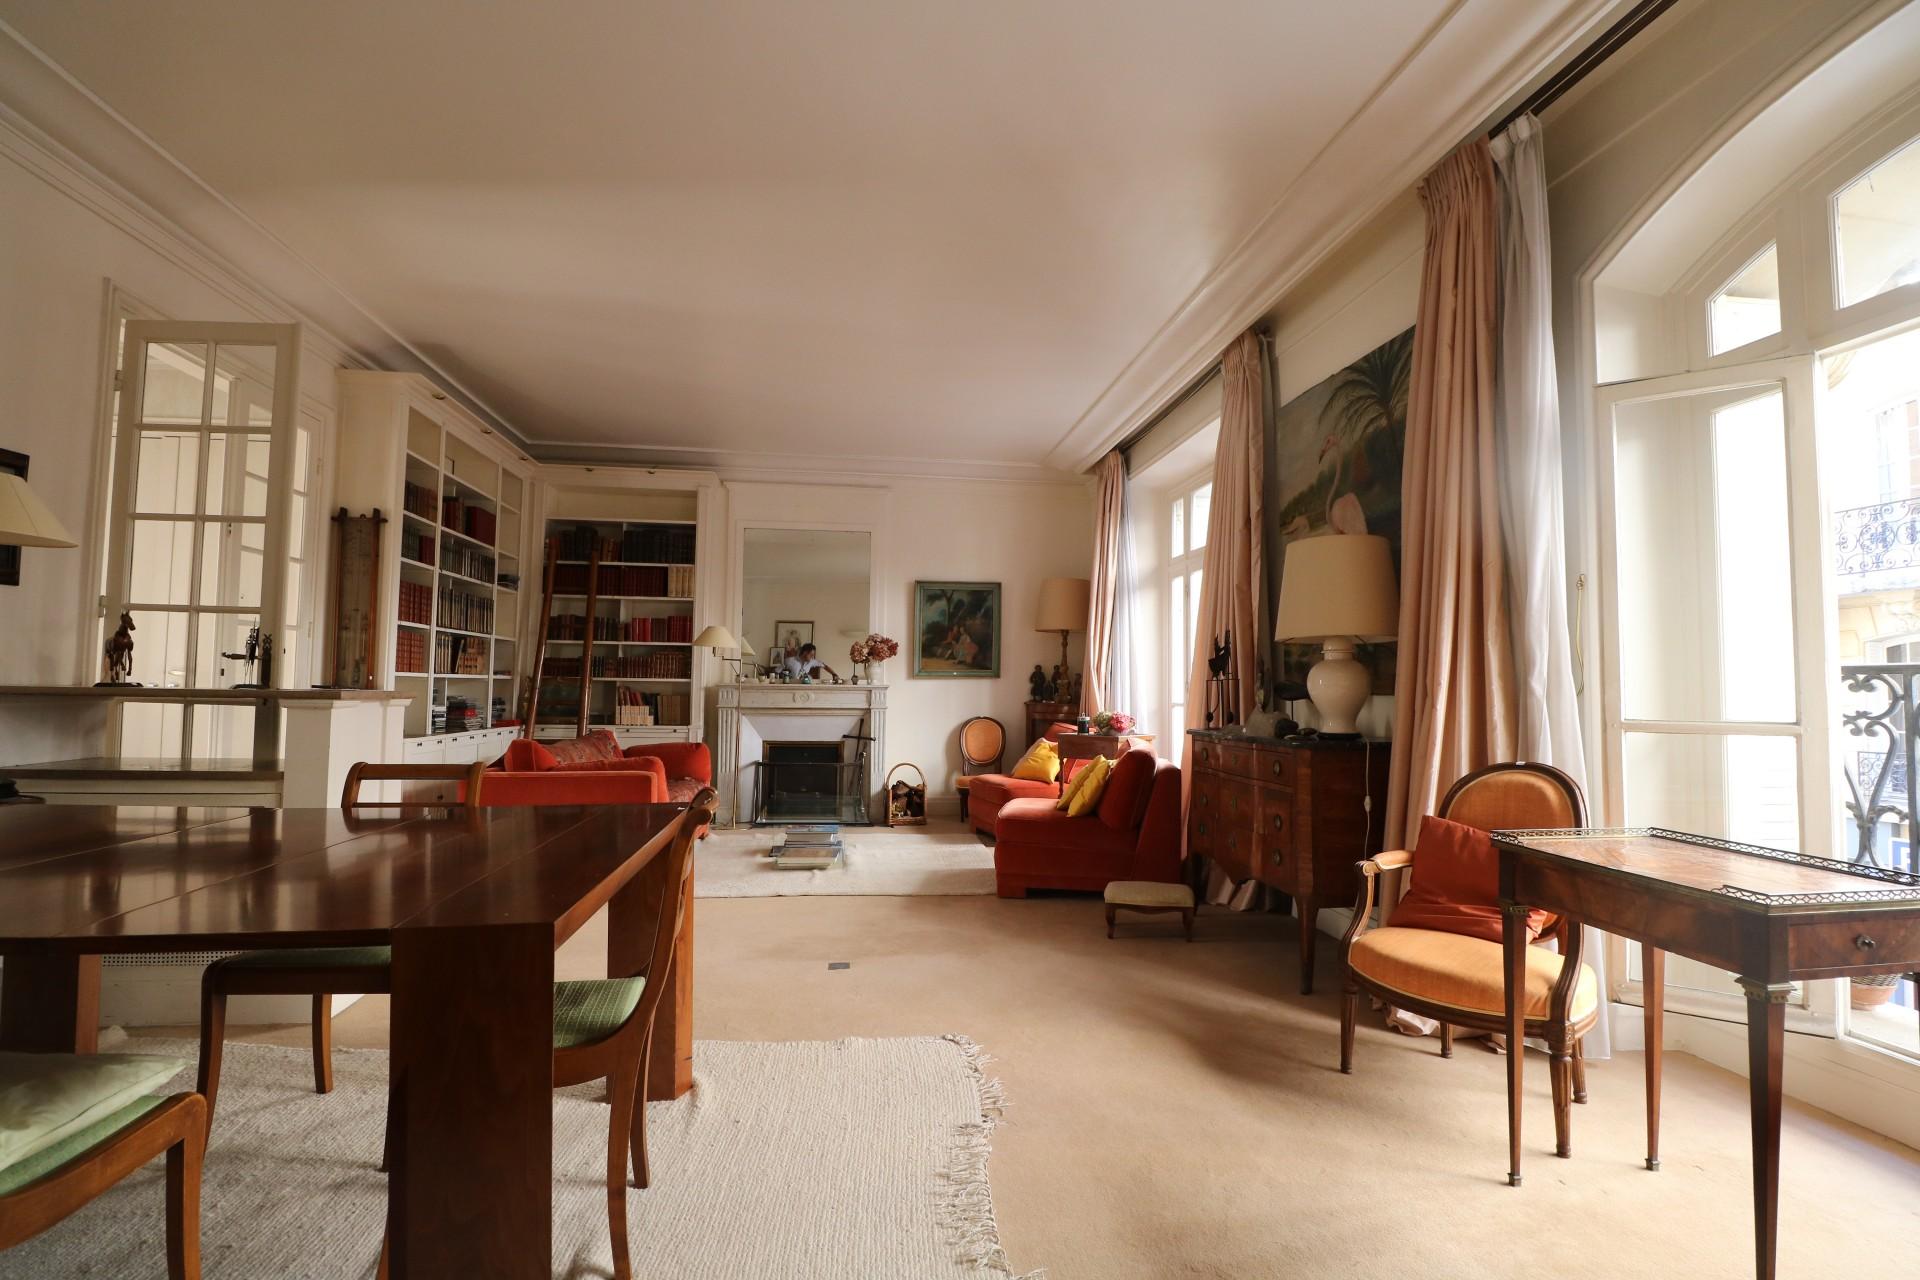 la-clef-des-villes-agence-immobiliere-paris-16-metro-ranelagh-photo-appartement-sejour-lumineux-cheminee-moulures